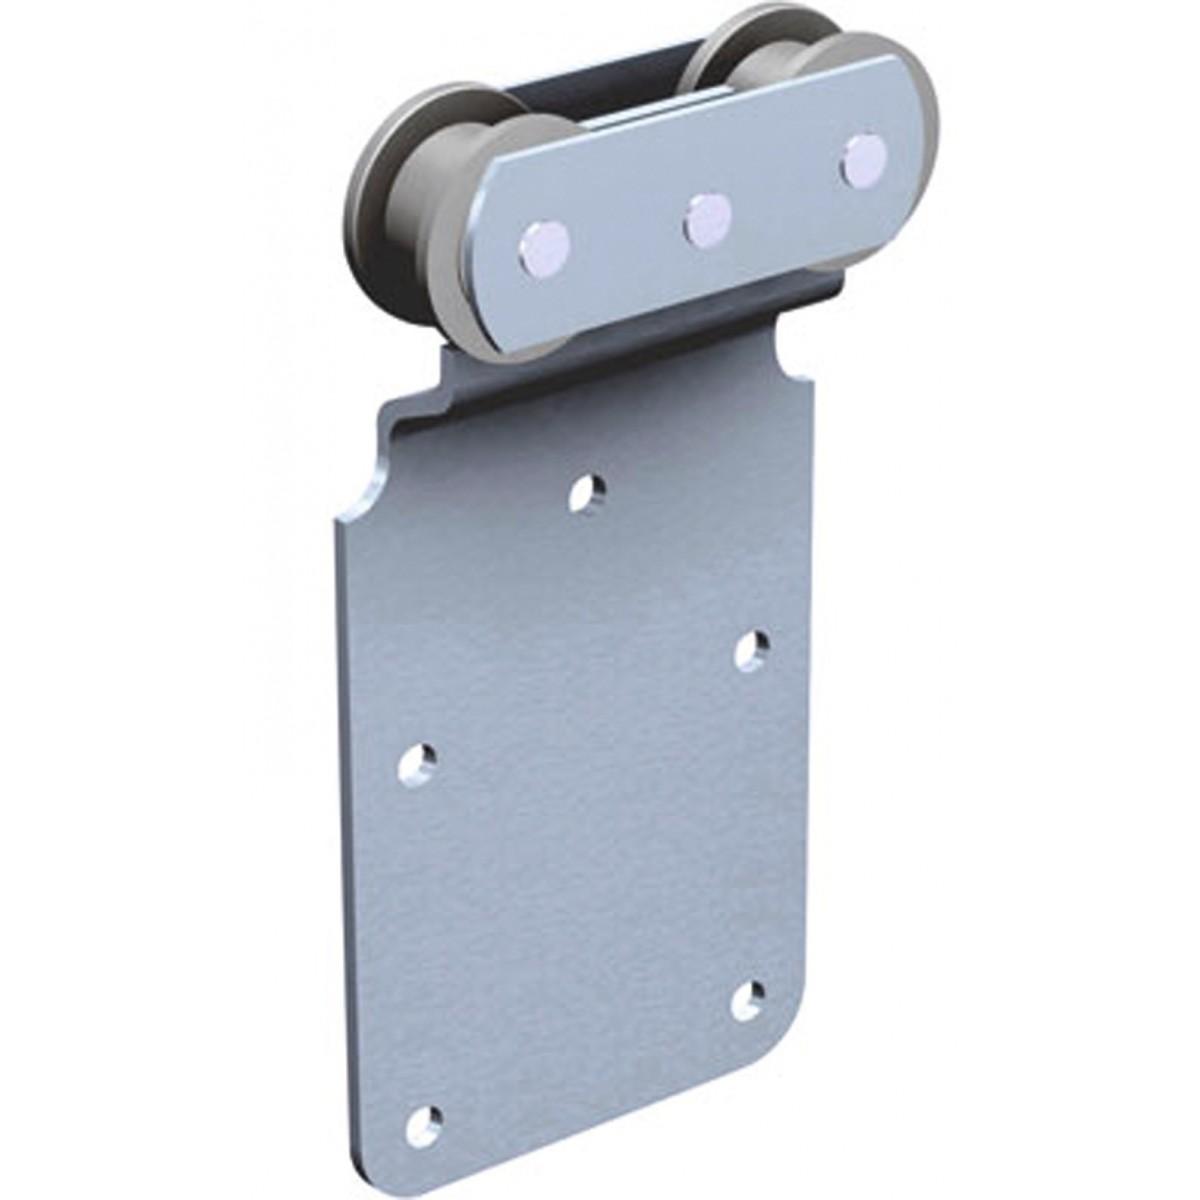 Ferrure de porte à déplacement droit pour porte de 150 kg Mantion Flot - Monture à galet fixation sur plat - Delrin 251D - Vendu par 2